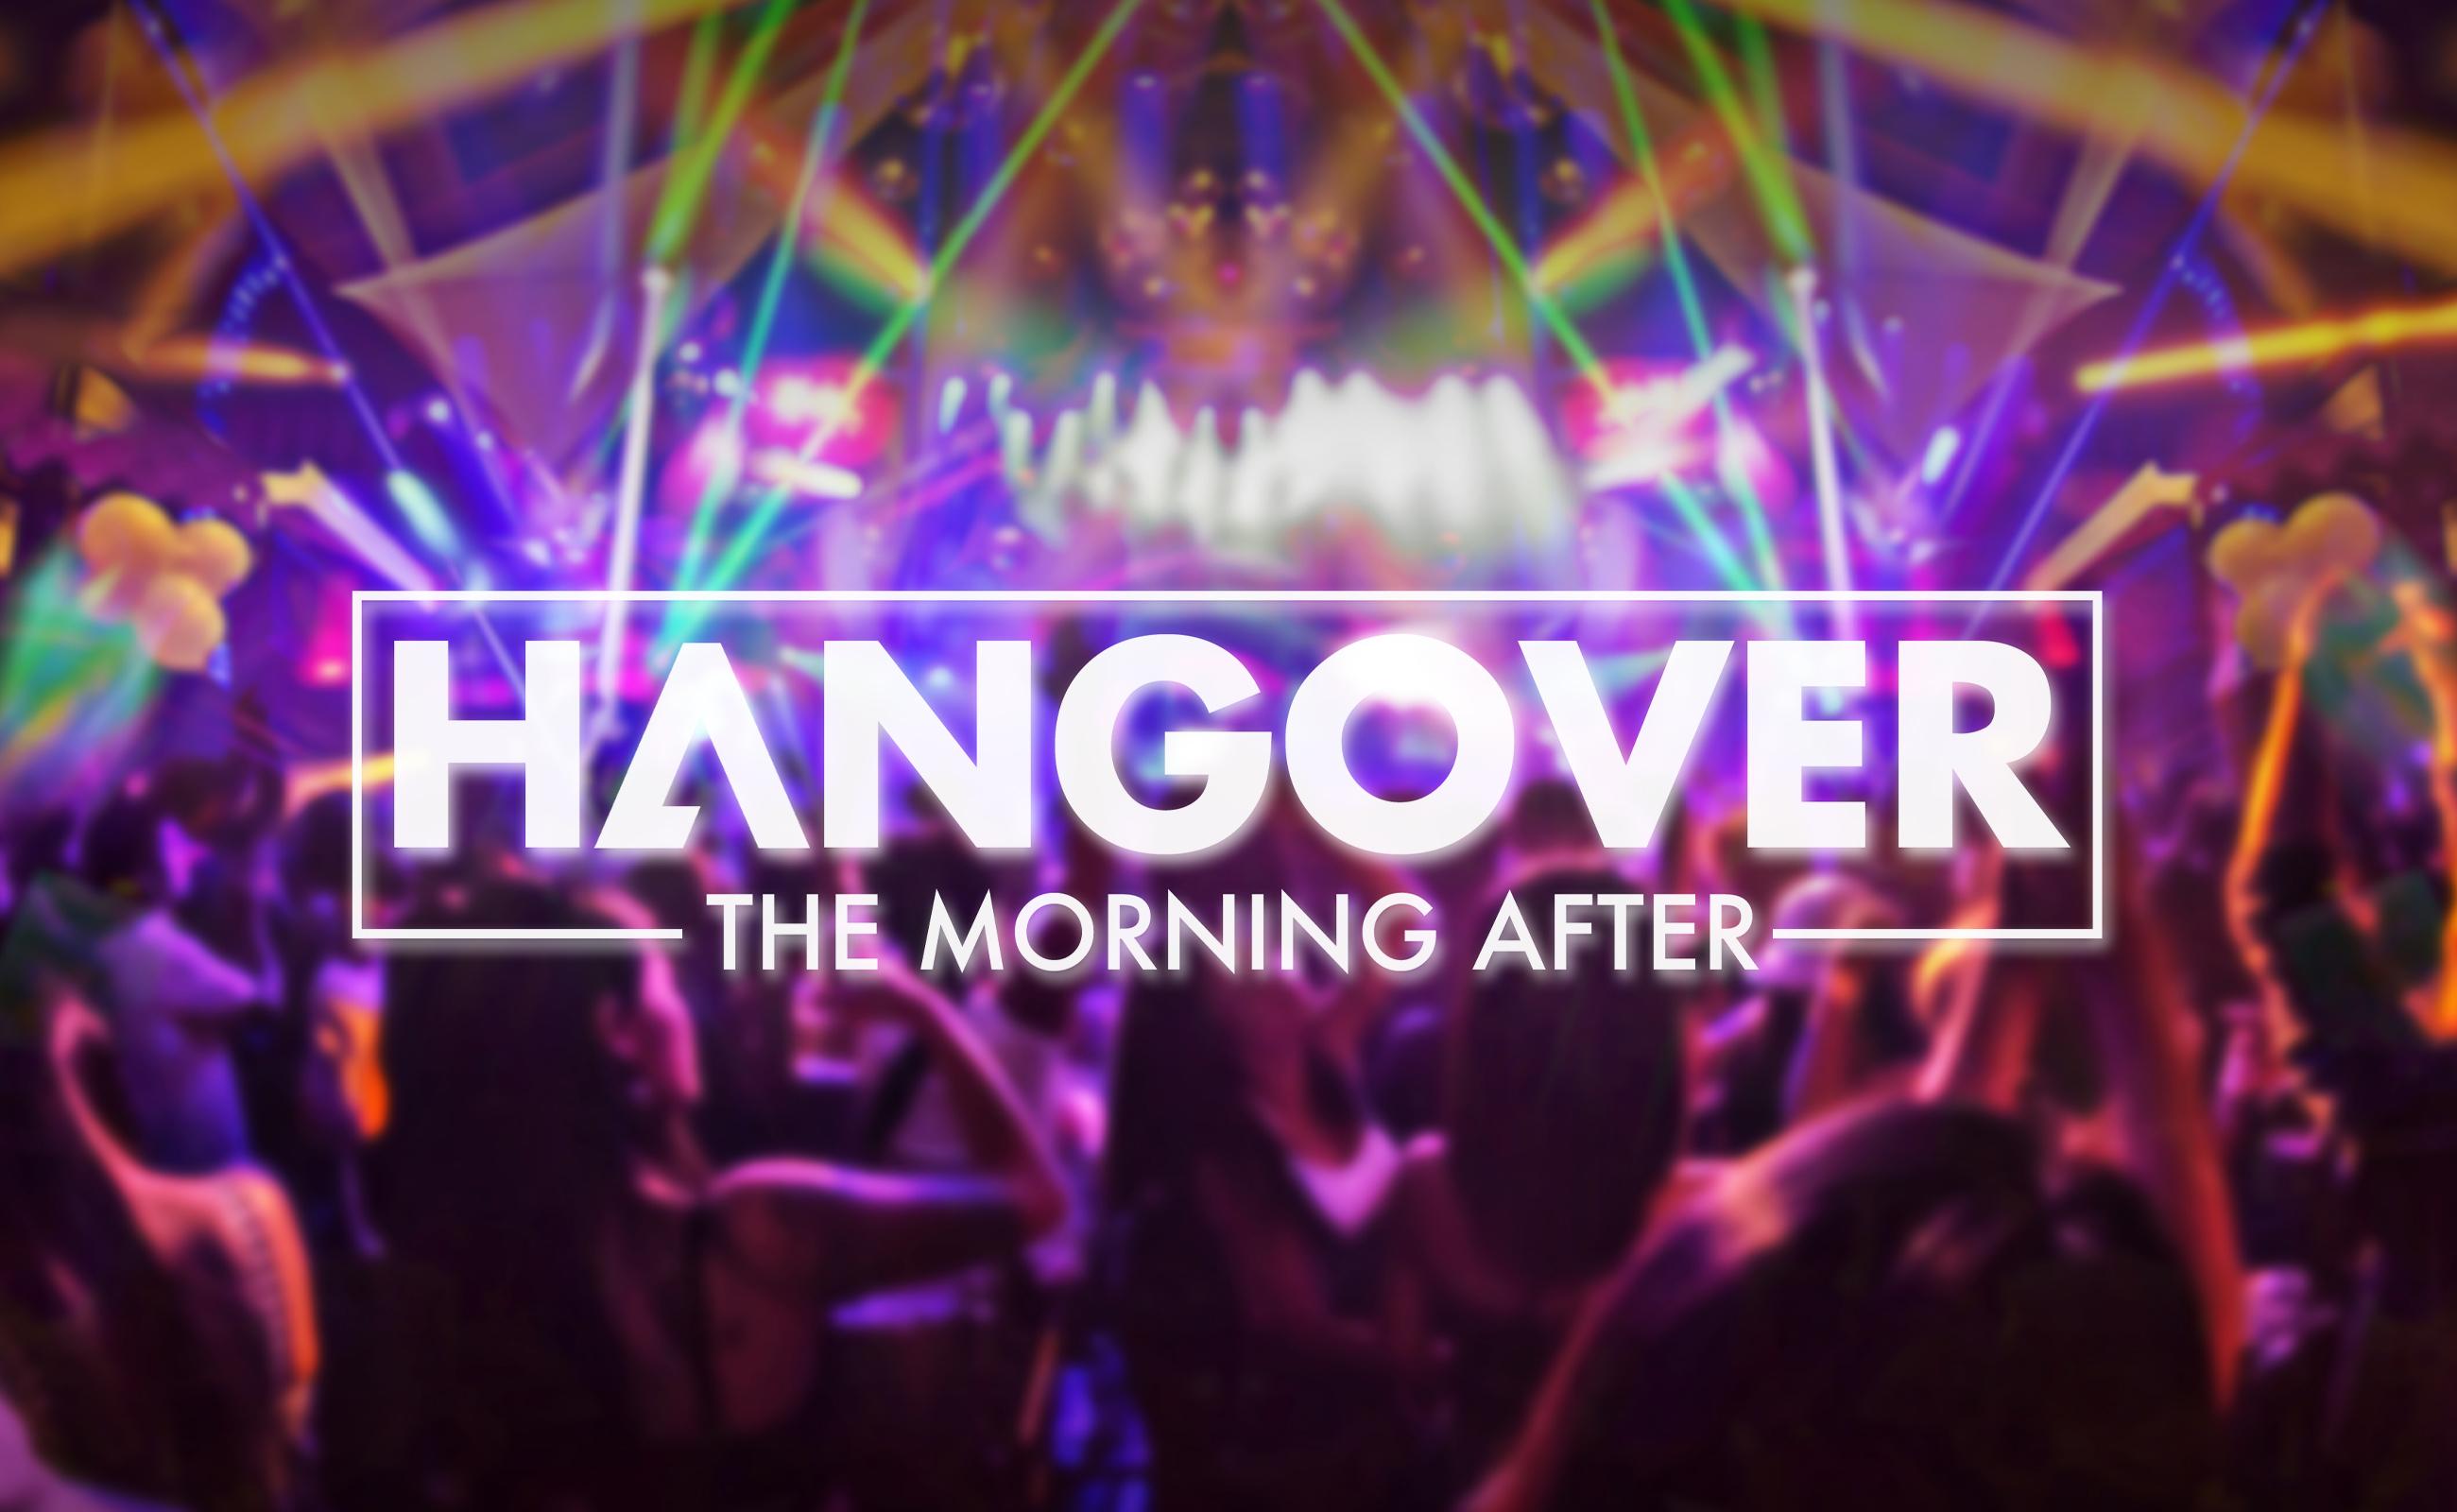 hangover_29nov_website